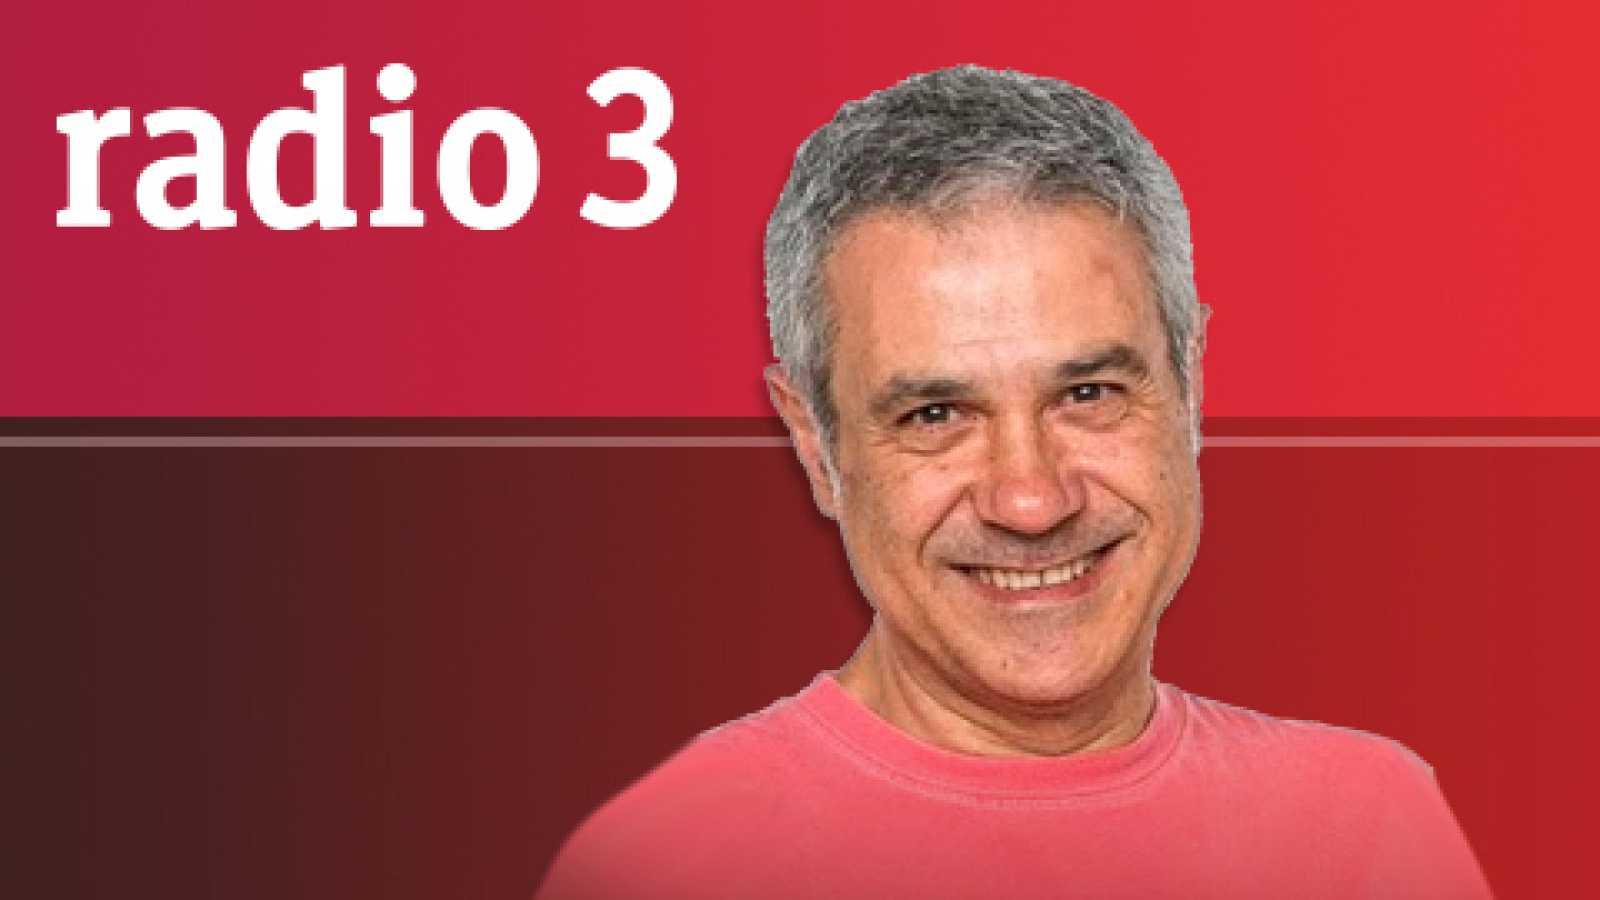 Duendeando - Directo Israel y Diego - 16/05/21 - escuchar ahora